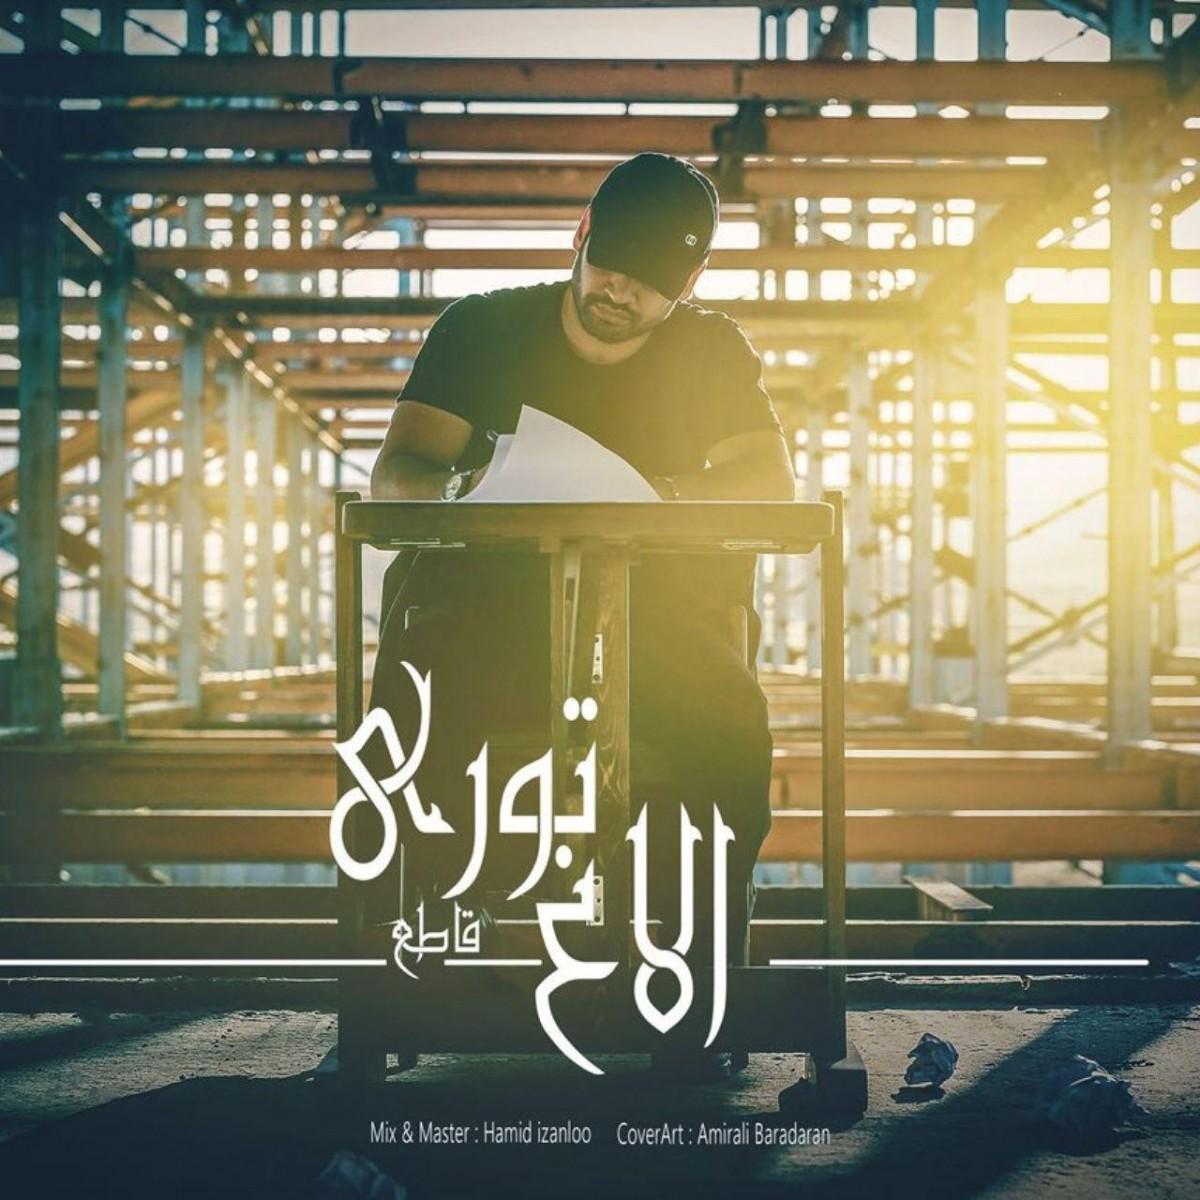 نامبر وان موزیک | دانلود آهنگ جدید Ghate-Olagh-Turi